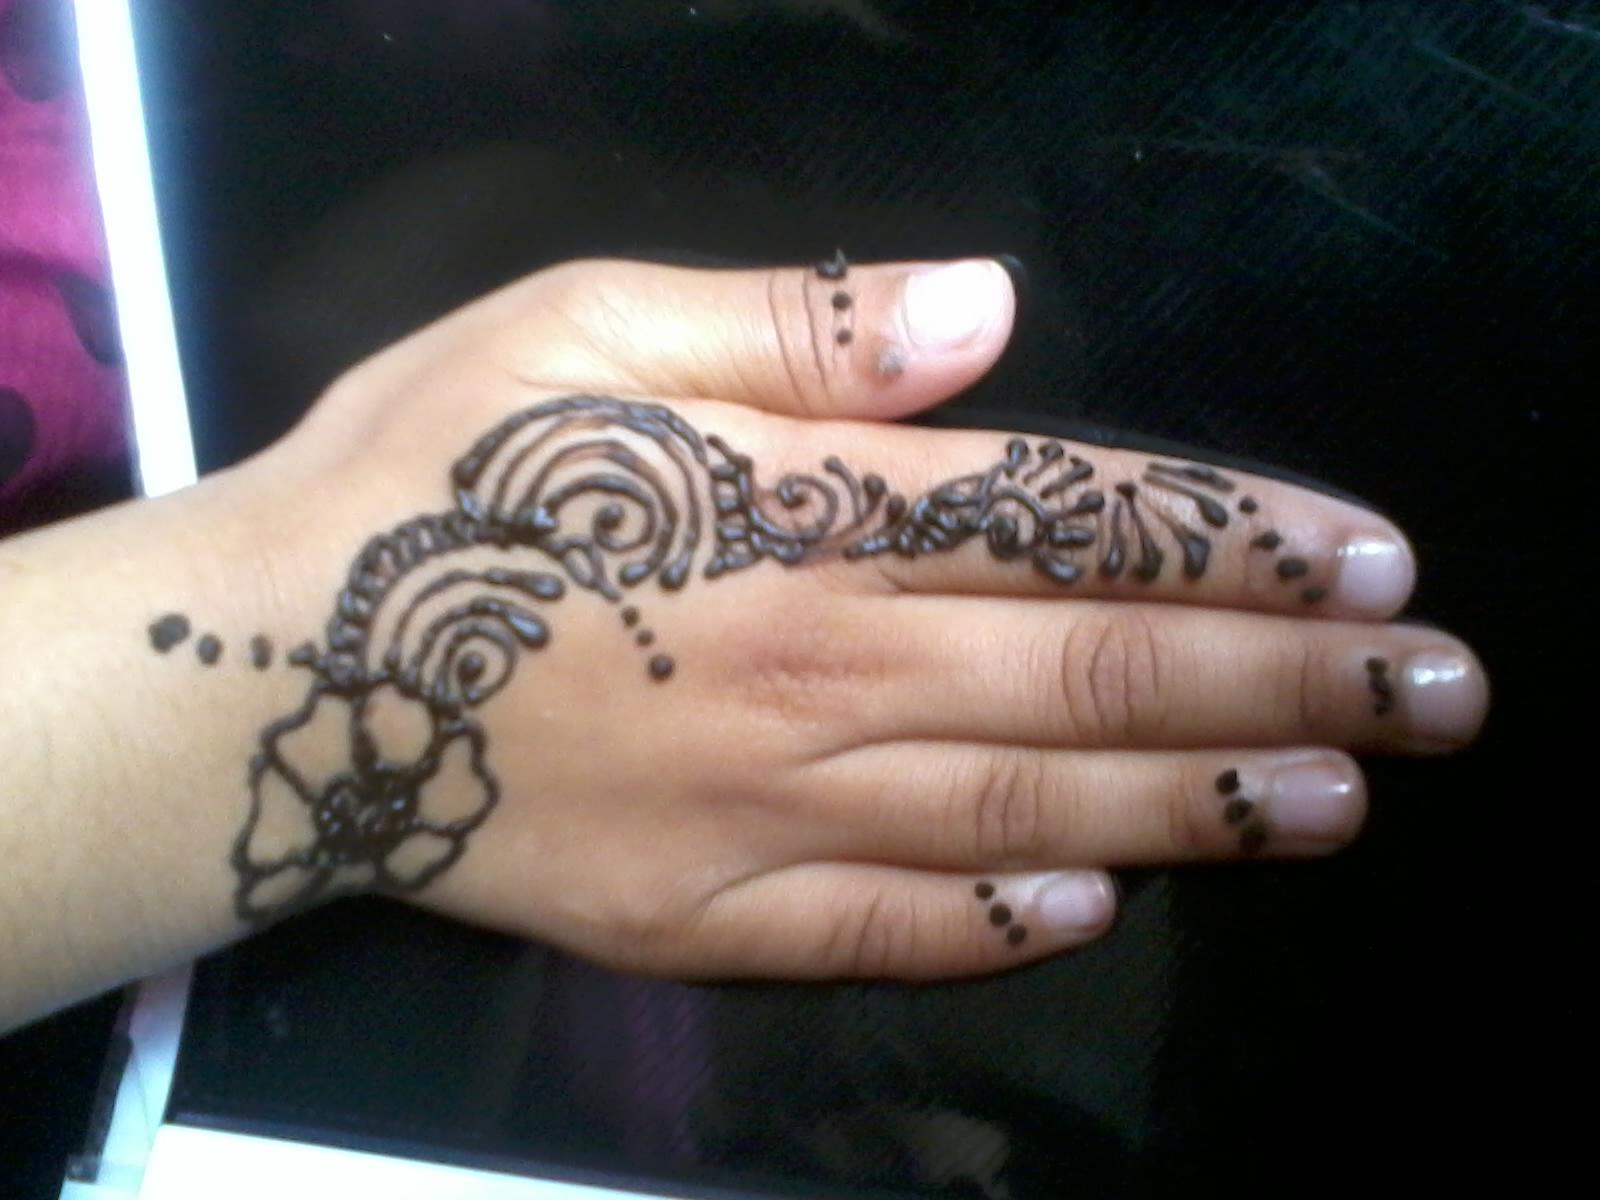 Sanahs Henna